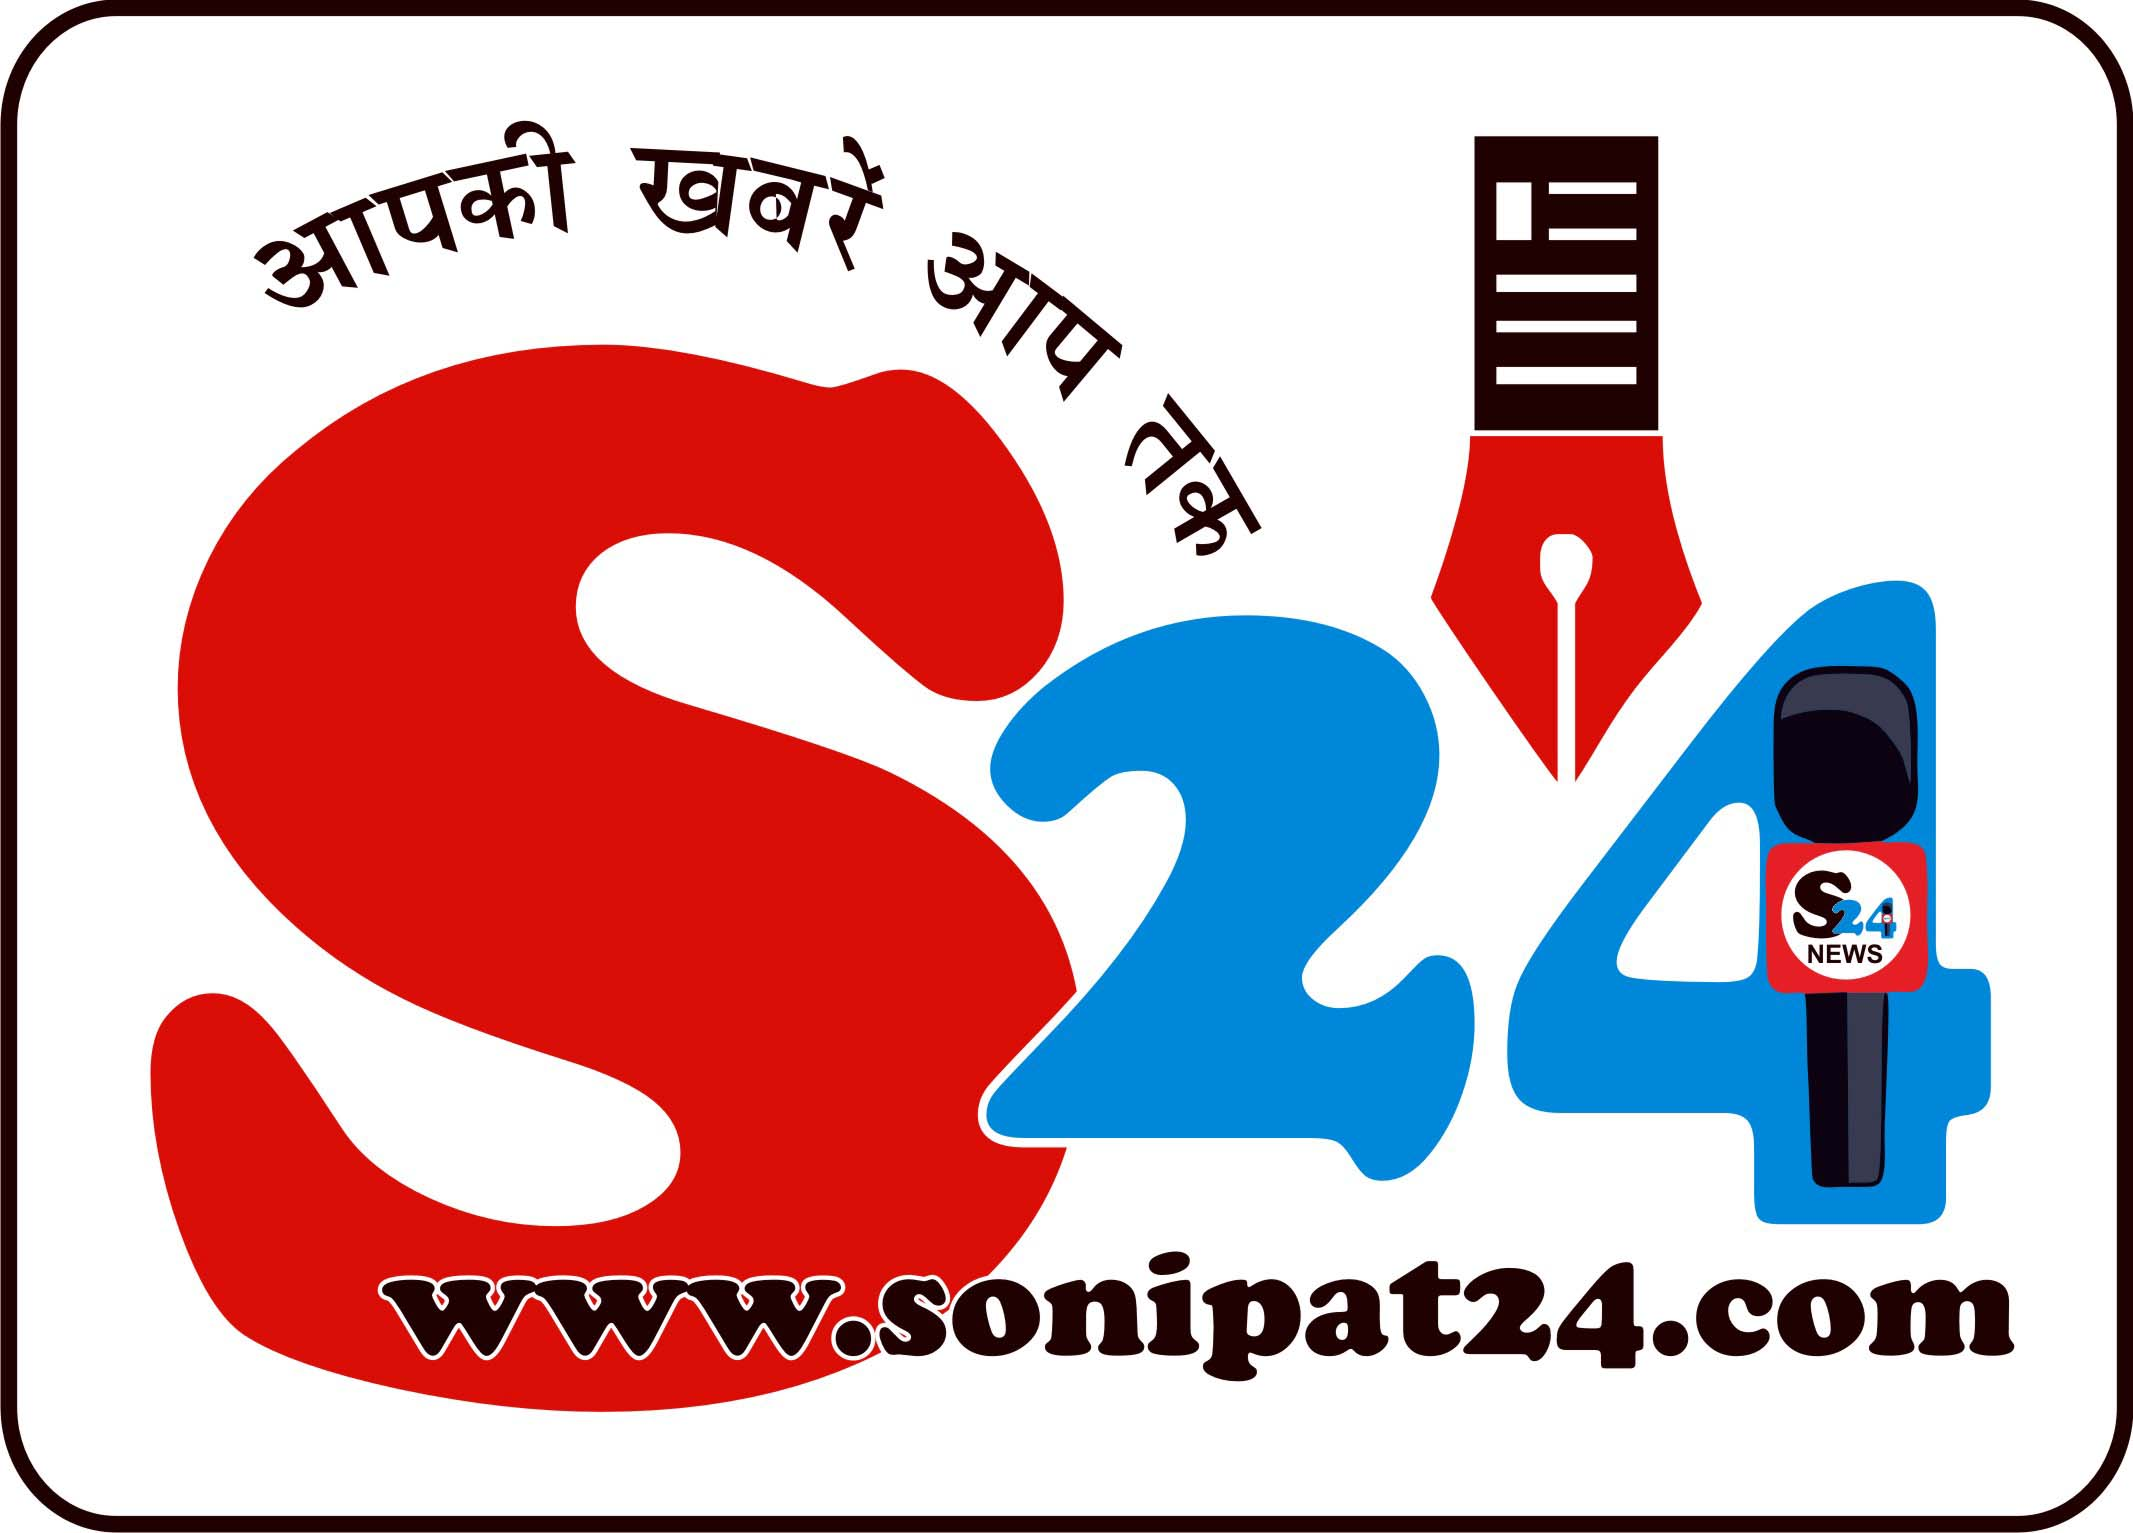 S24 logo